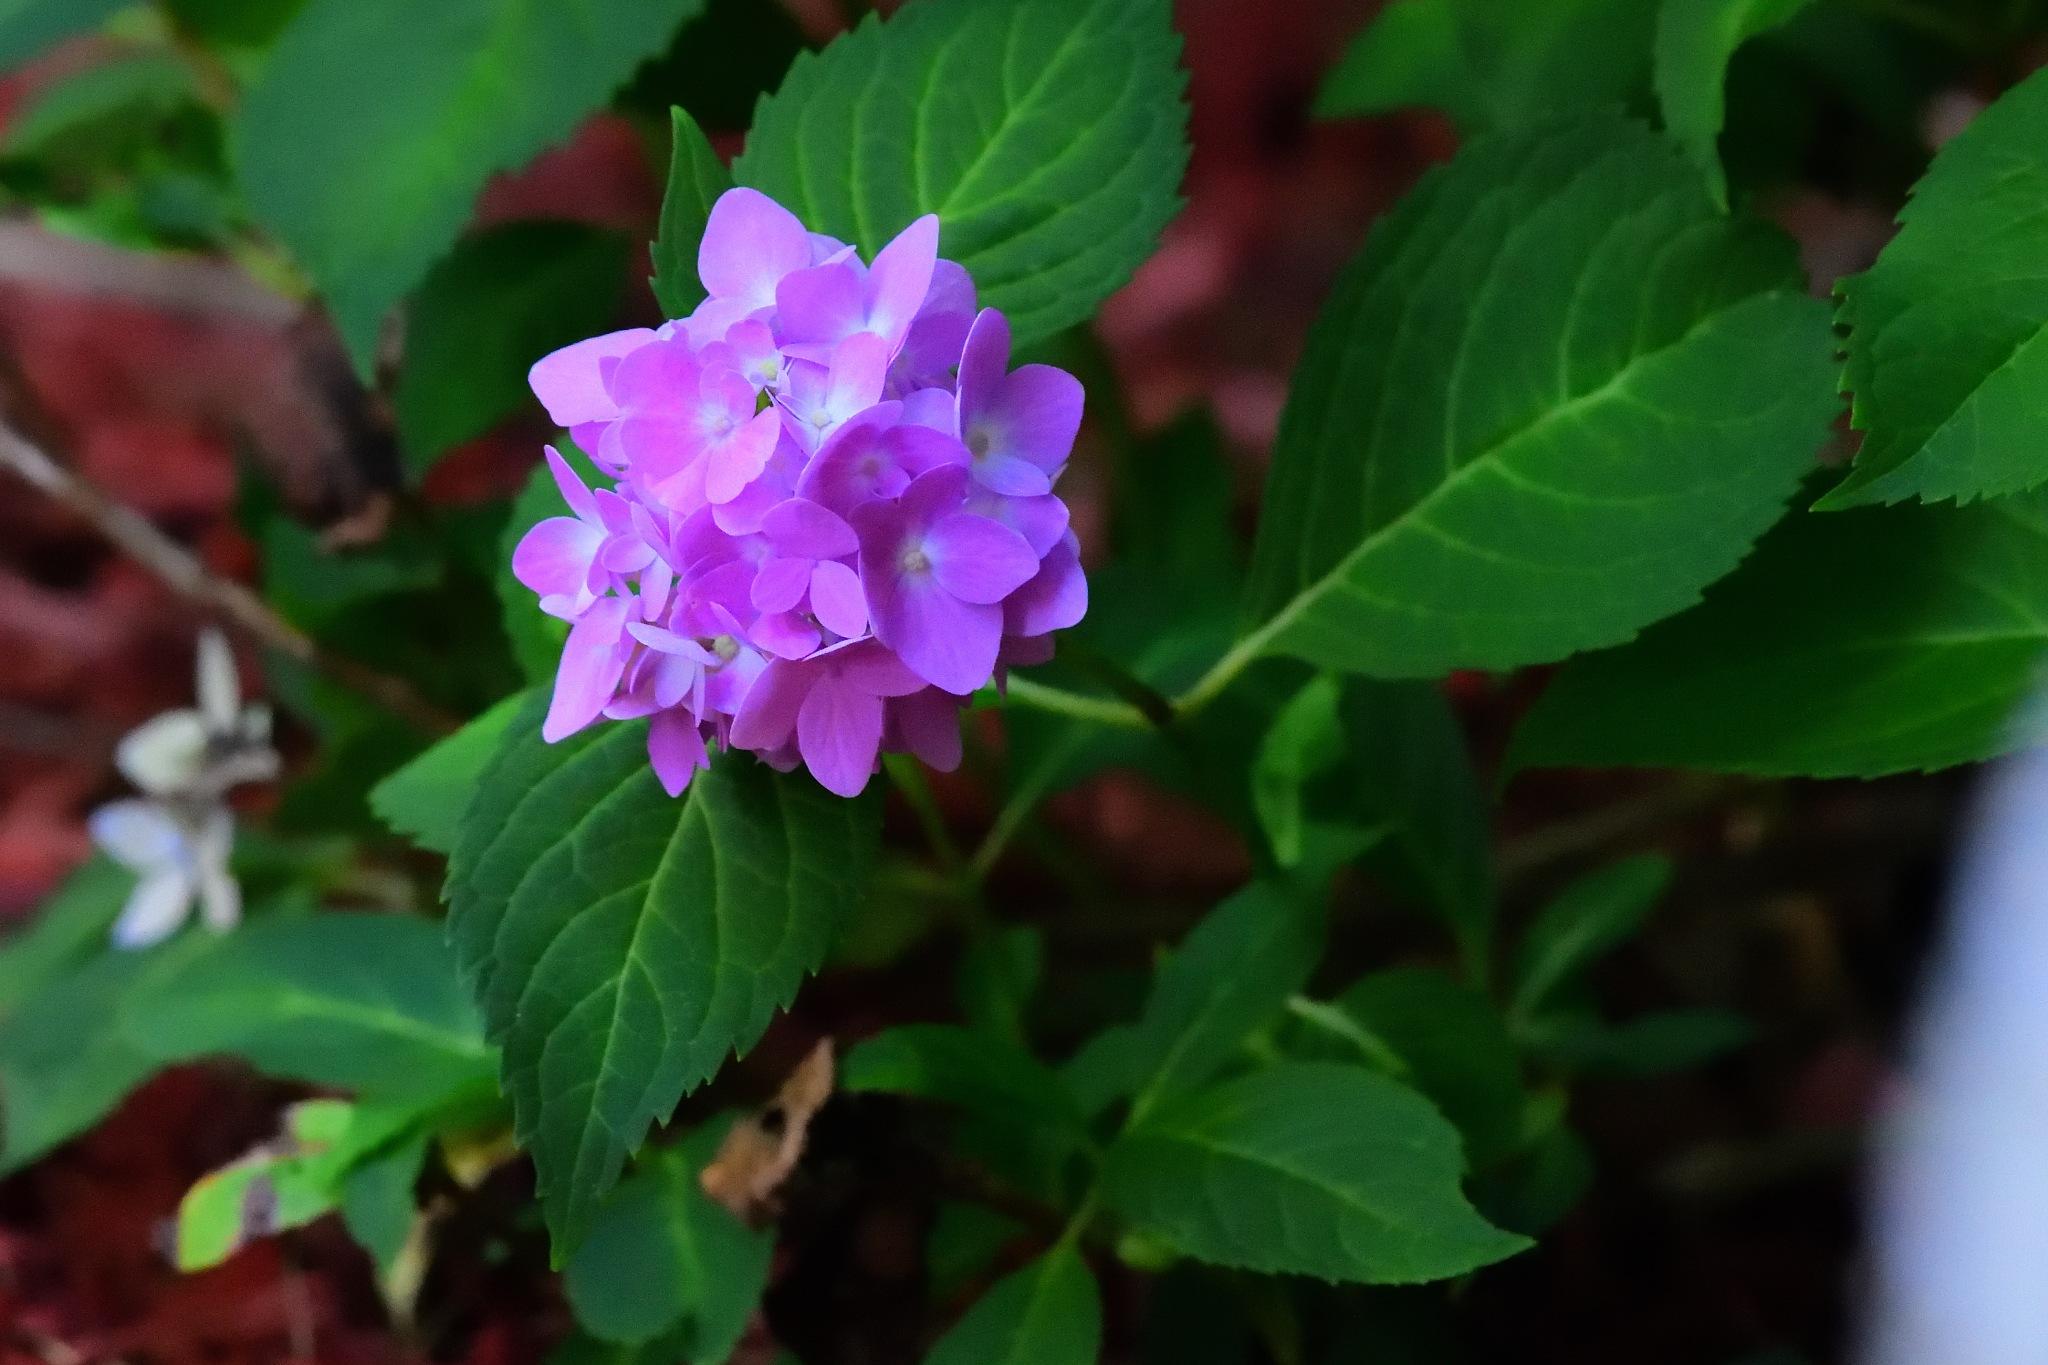 Hydrangea Bloom #2 by Greg Knott